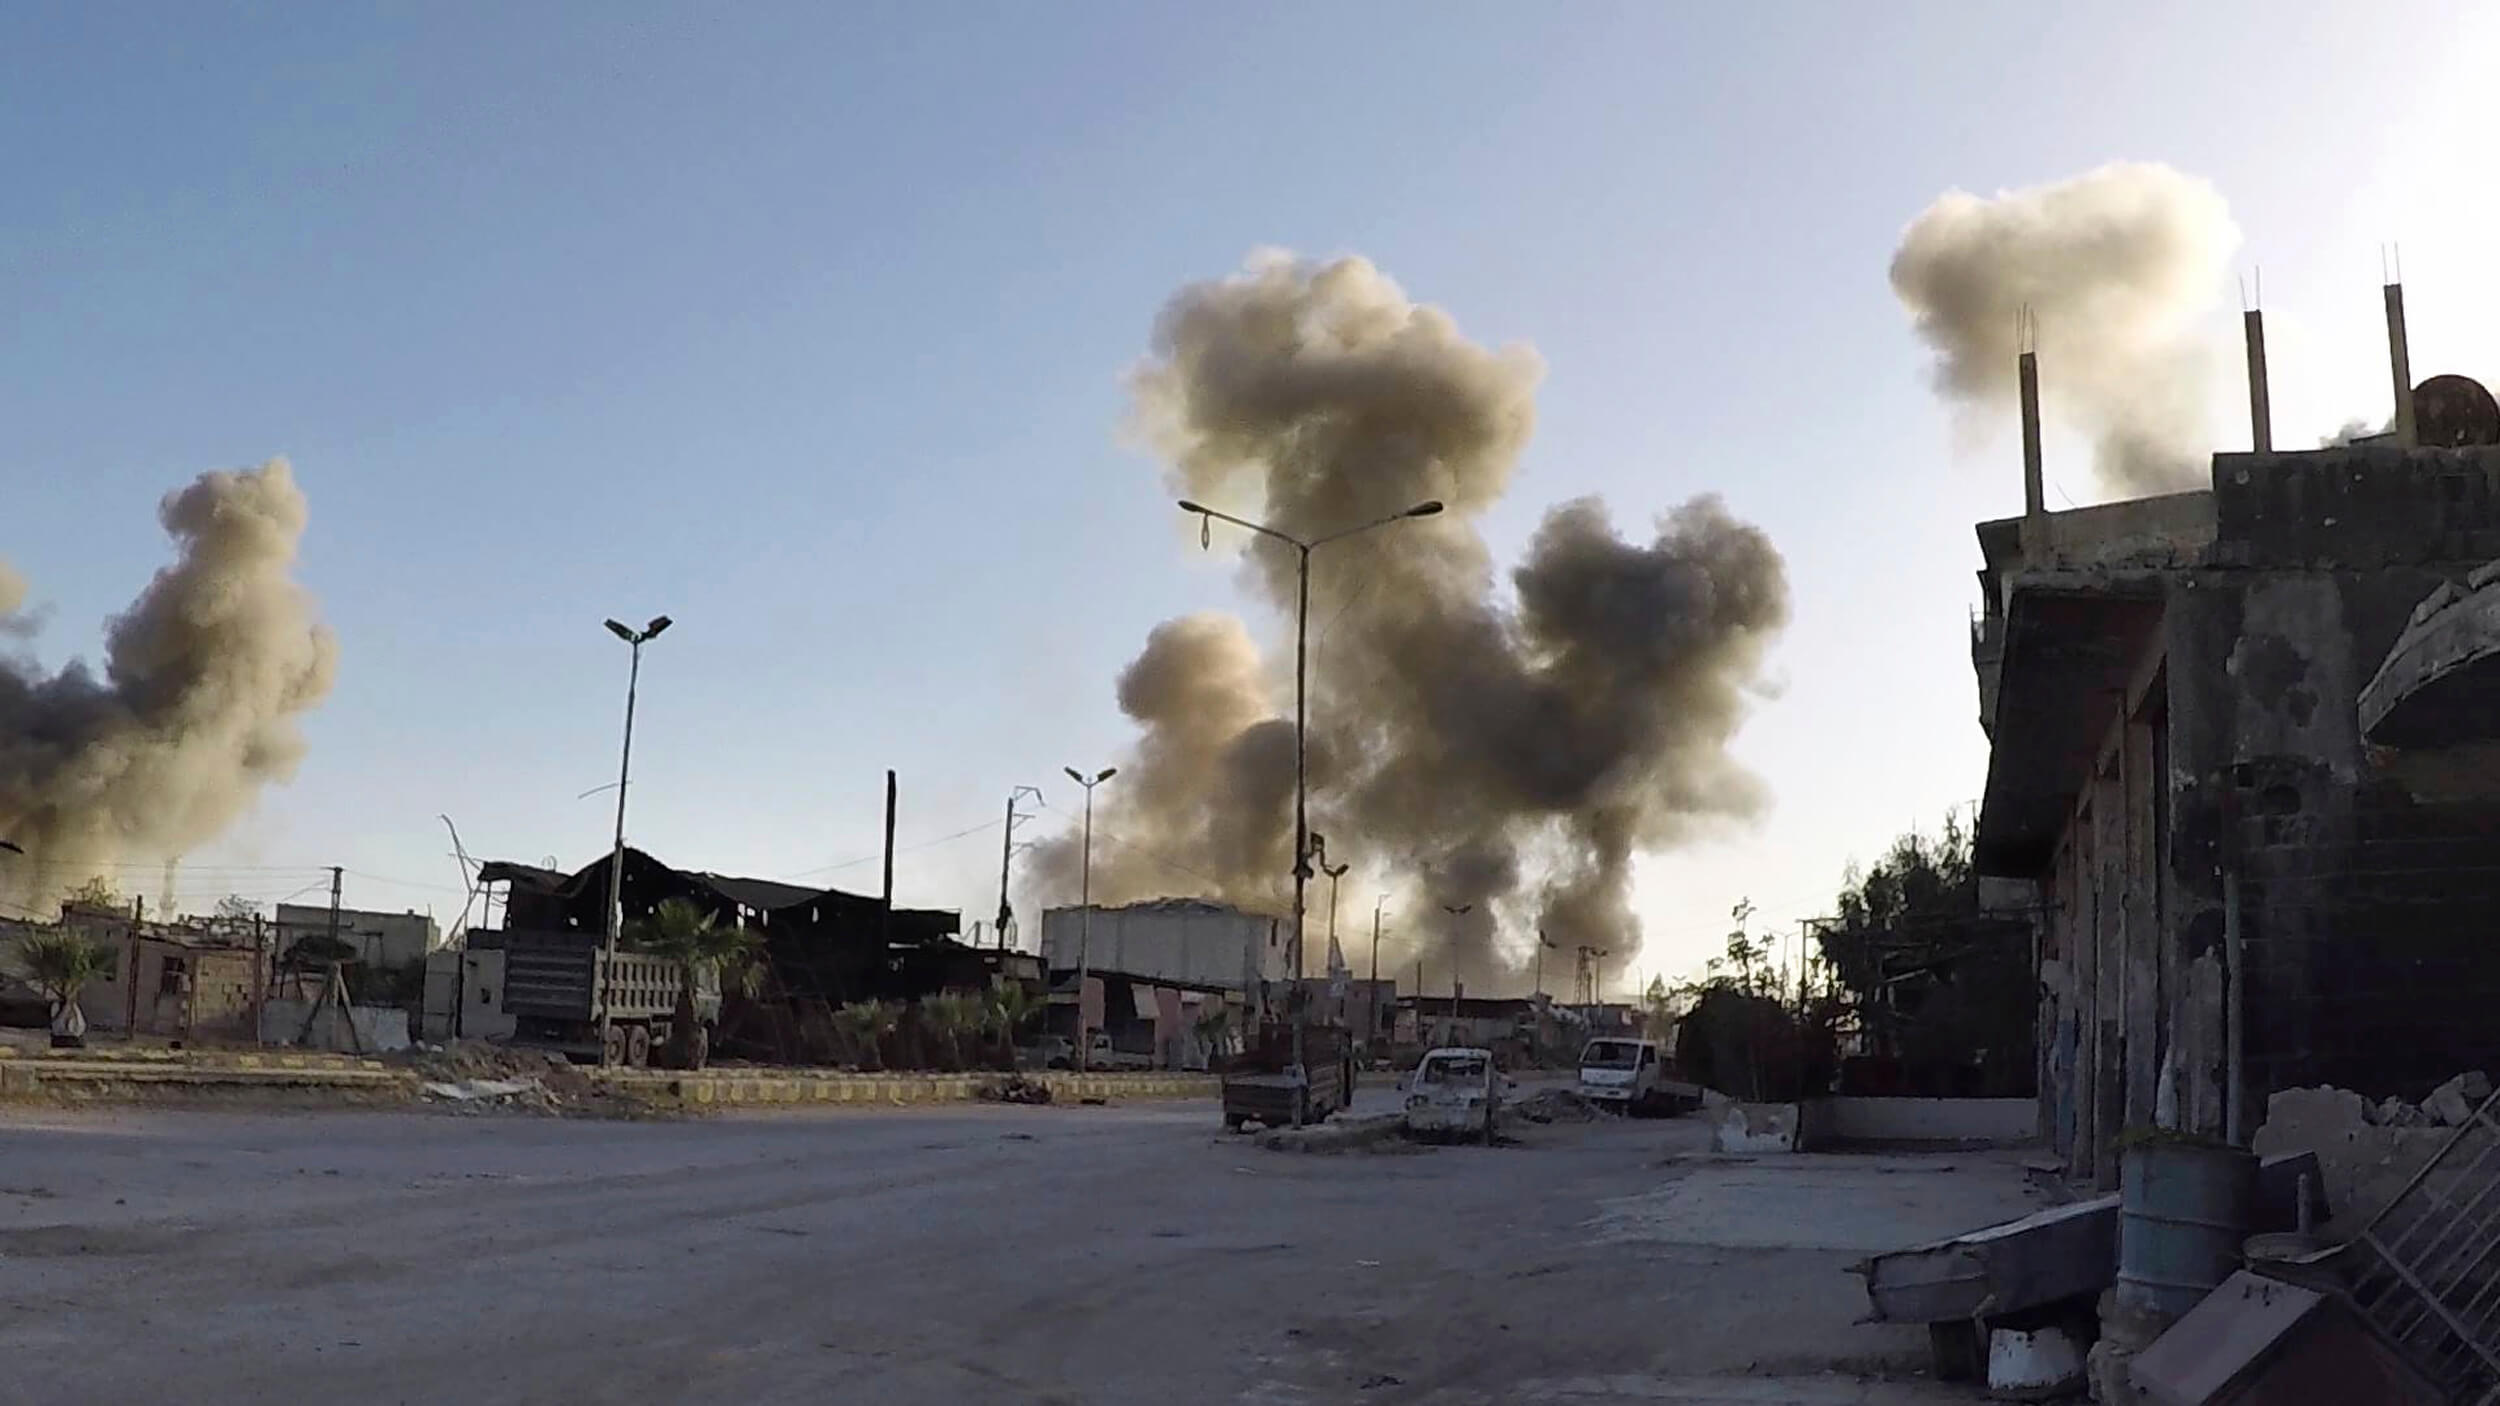 La OPAQ empieza a investigar el presunto ataque químico en Siria